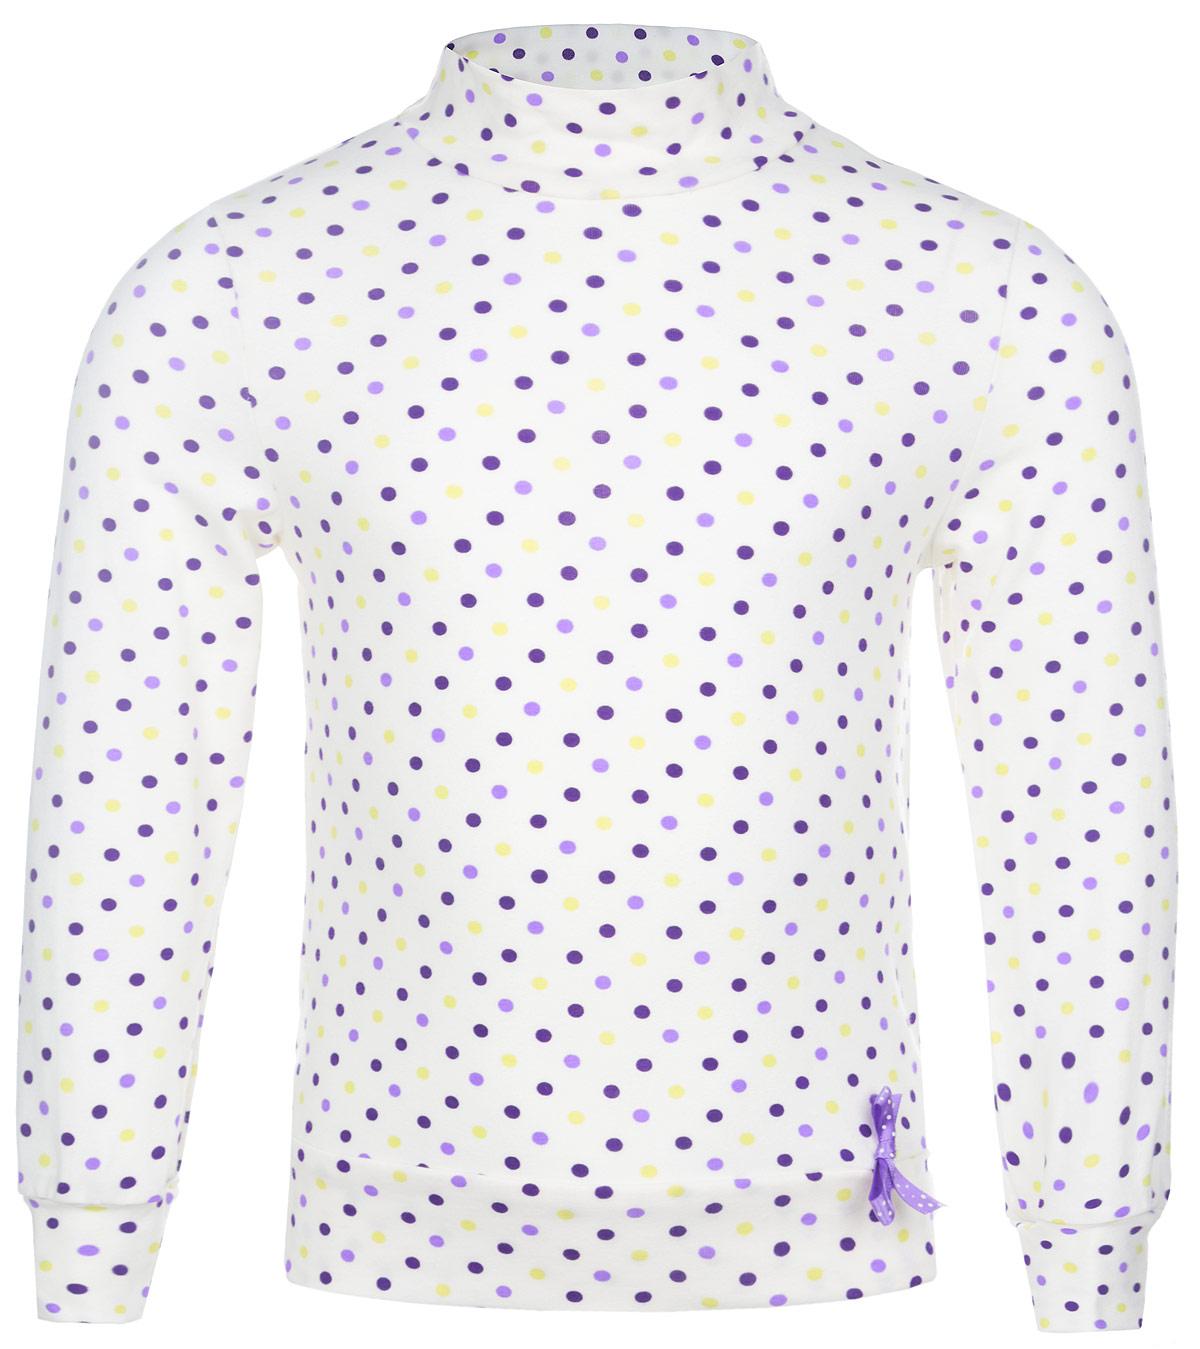 ВодолазкаWJO26016M-1Яркая водолазка для девочки M&D идеально подойдет вашей маленькой моднице. Модель изготовлена из натурального хлопка, не сковывает движения ребенка и позволяет коже дышать, обеспечивая комфорт. Водолазка с воротником-стойкой и длинными рукавами. Воротник, низ изделия и рукава выполнены из мягкой эластичной ткани, которая не сдавливает кожу ребенка. Модель оформлена стильным принтом в горошек. Современный дизайн и расцветка делают эту водолазку модным и стильным предметом детского гардероба. В ней ваш ребенок будет чувствовать себя уютно, комфортно и всегда будет в центре внимания!